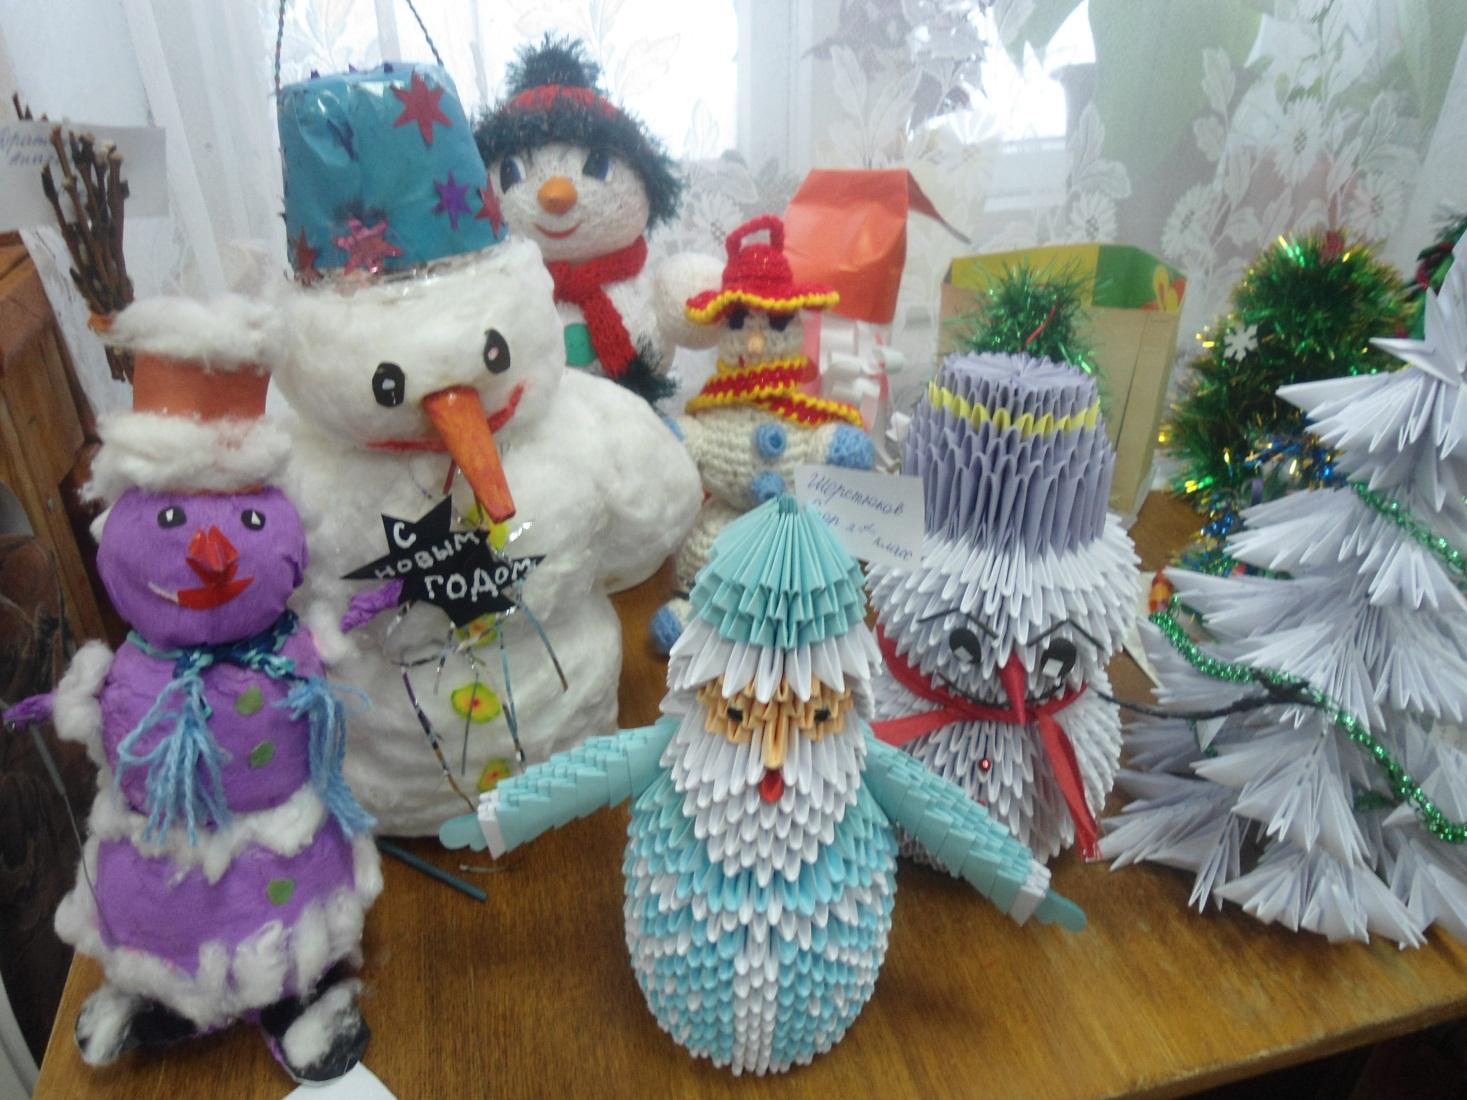 D:\фото\Фото р. Малыш\Новогодняя игрушка поделки и рисунки 2012\DSC02500.JPG